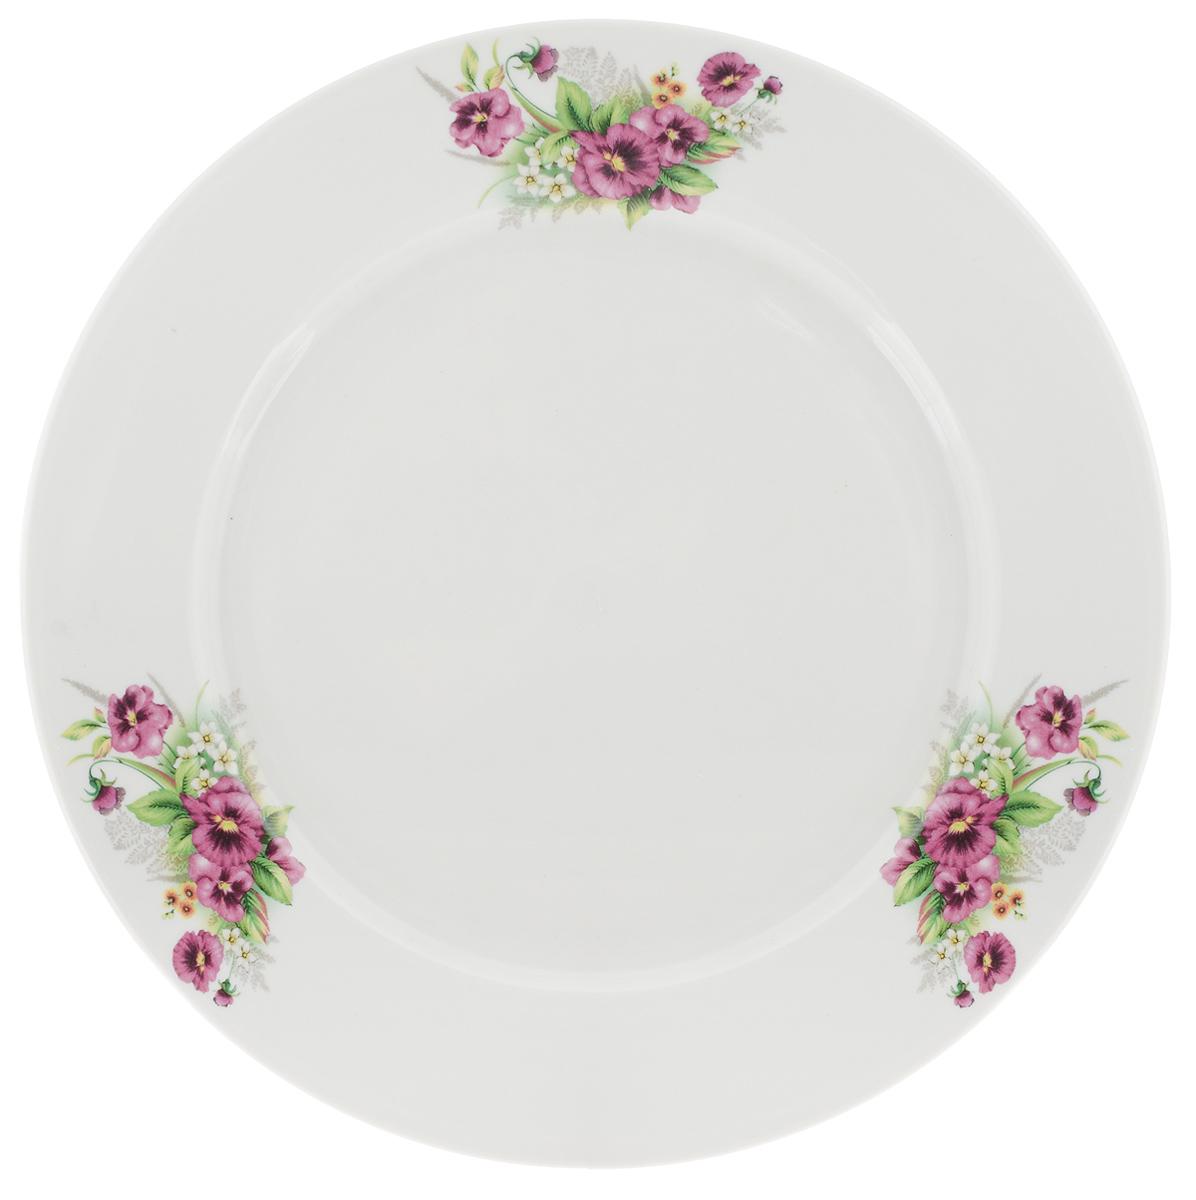 Тарелка Фарфор Вербилок Виола, цвет: белый, розовый, диаметр 24 см16590750Тарелка Фарфор Вербилок Виола, изготовленная из высококачественного фарфора, имеет классическую круглую форму. Оригинальный дизайн придется по вкусу и ценителям классики, и тем, кто предпочитает утонченность. Тарелка Фарфор Вербилок Виола идеально подойдет для сервировки стола и станет отличным подарком к любому празднику.